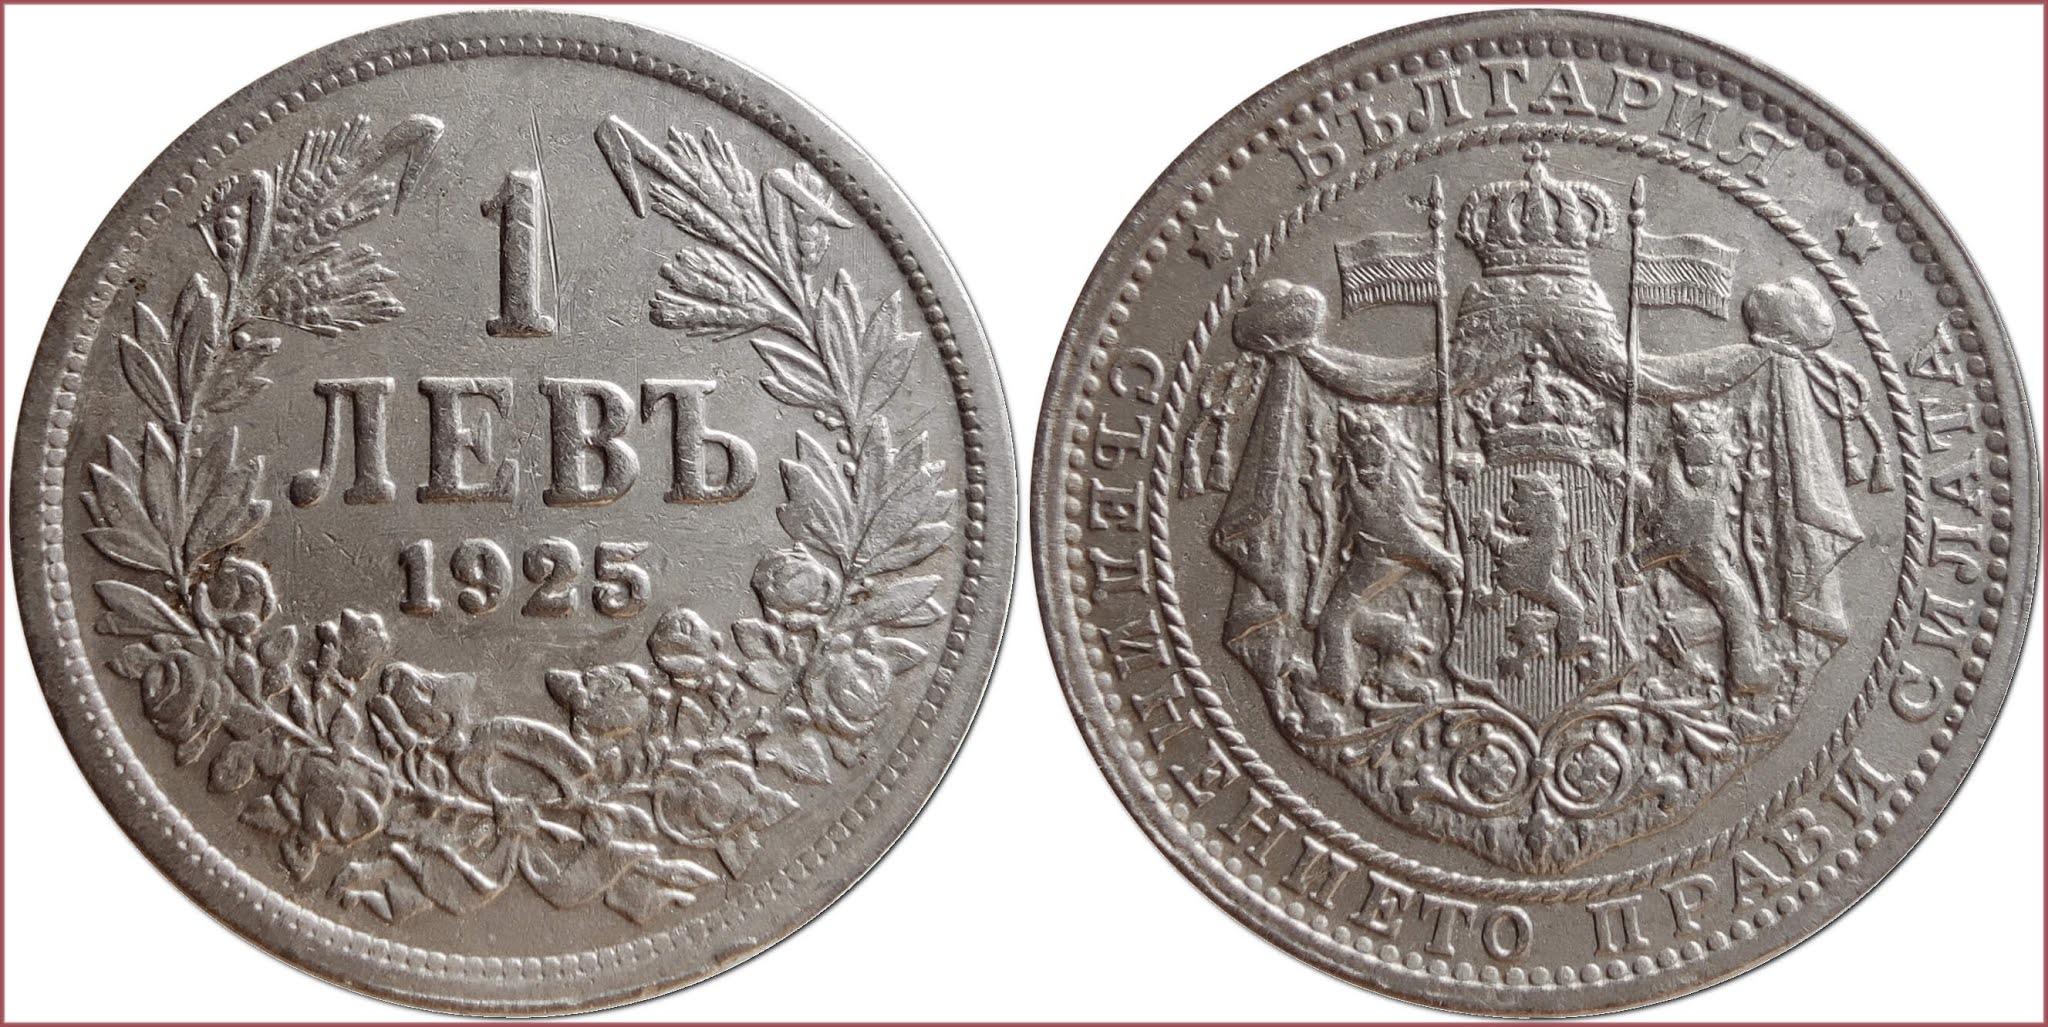 1 lev (левъ), 1925: Tsardom of Bulgaria